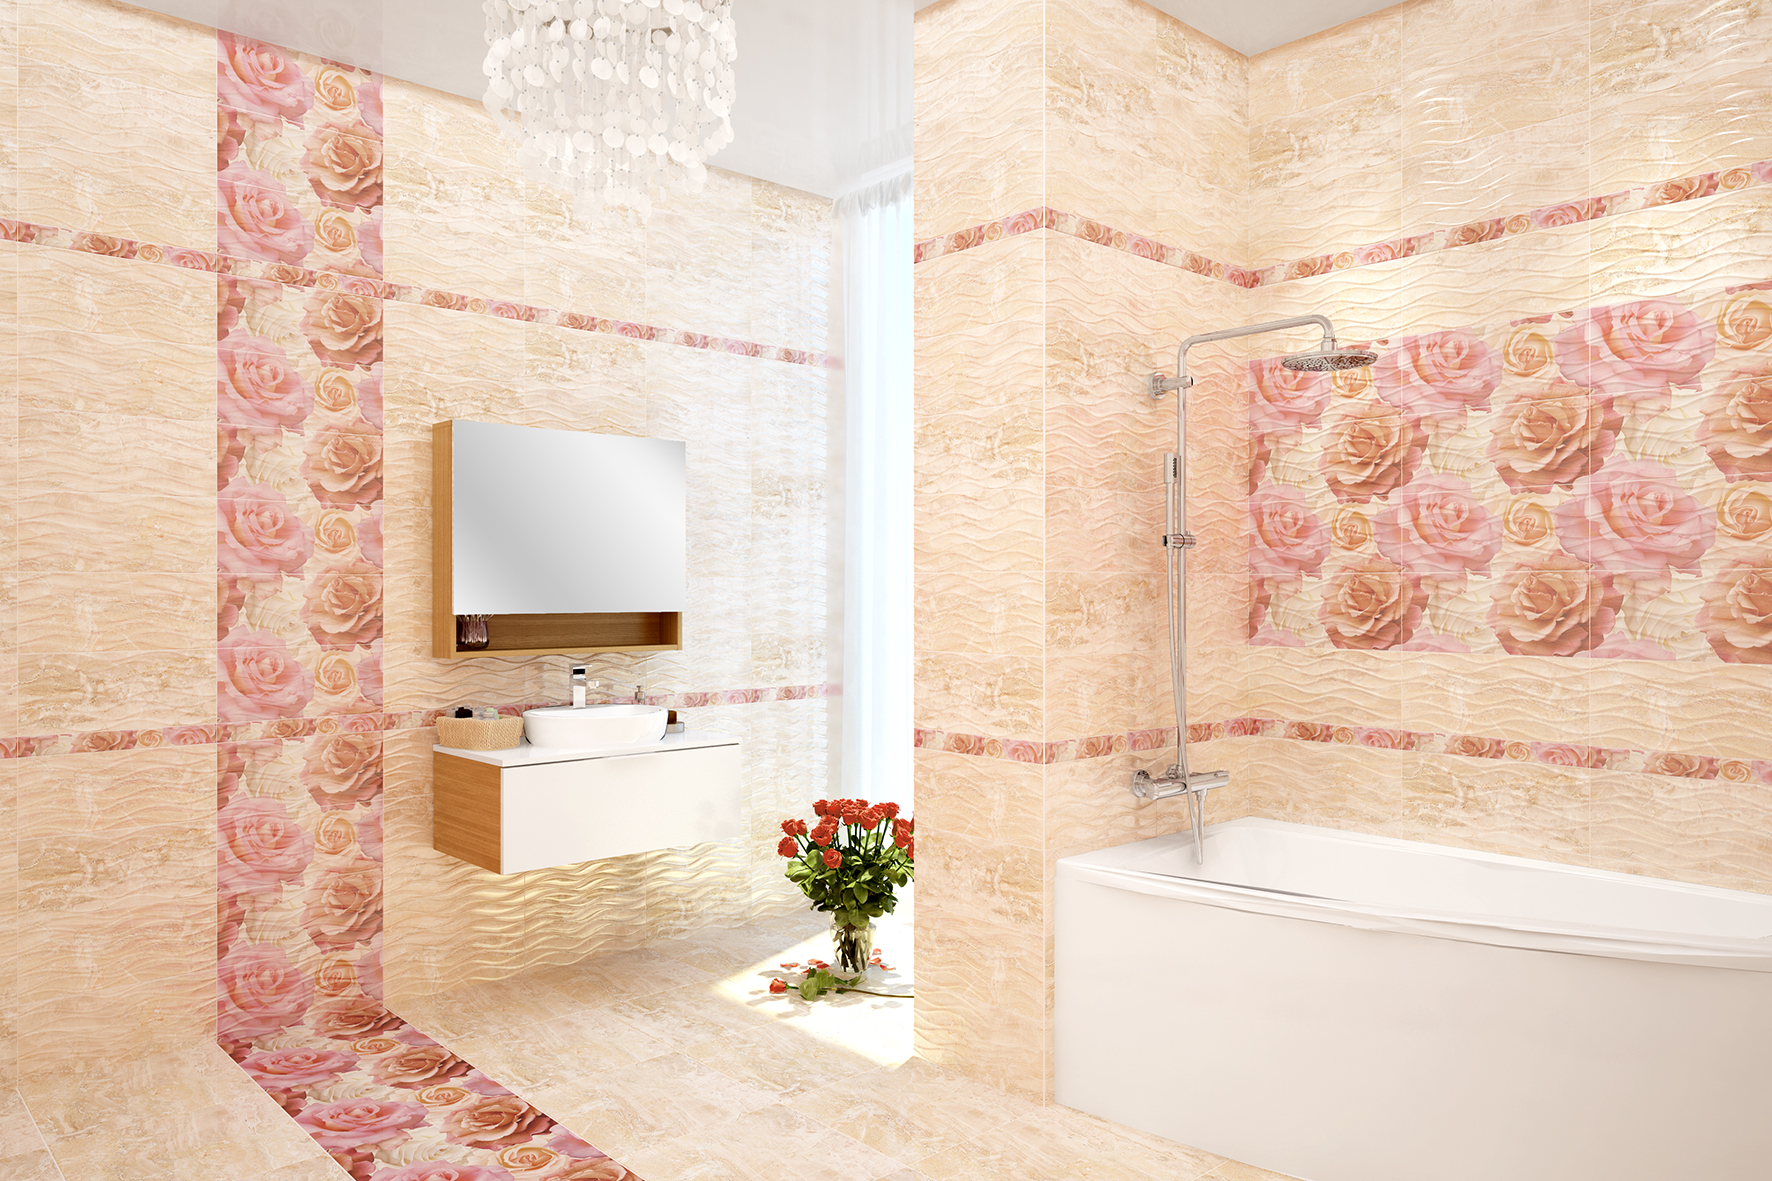 необычная керамическая плитка в интерьере ванной в стиле классика в светлых тонах